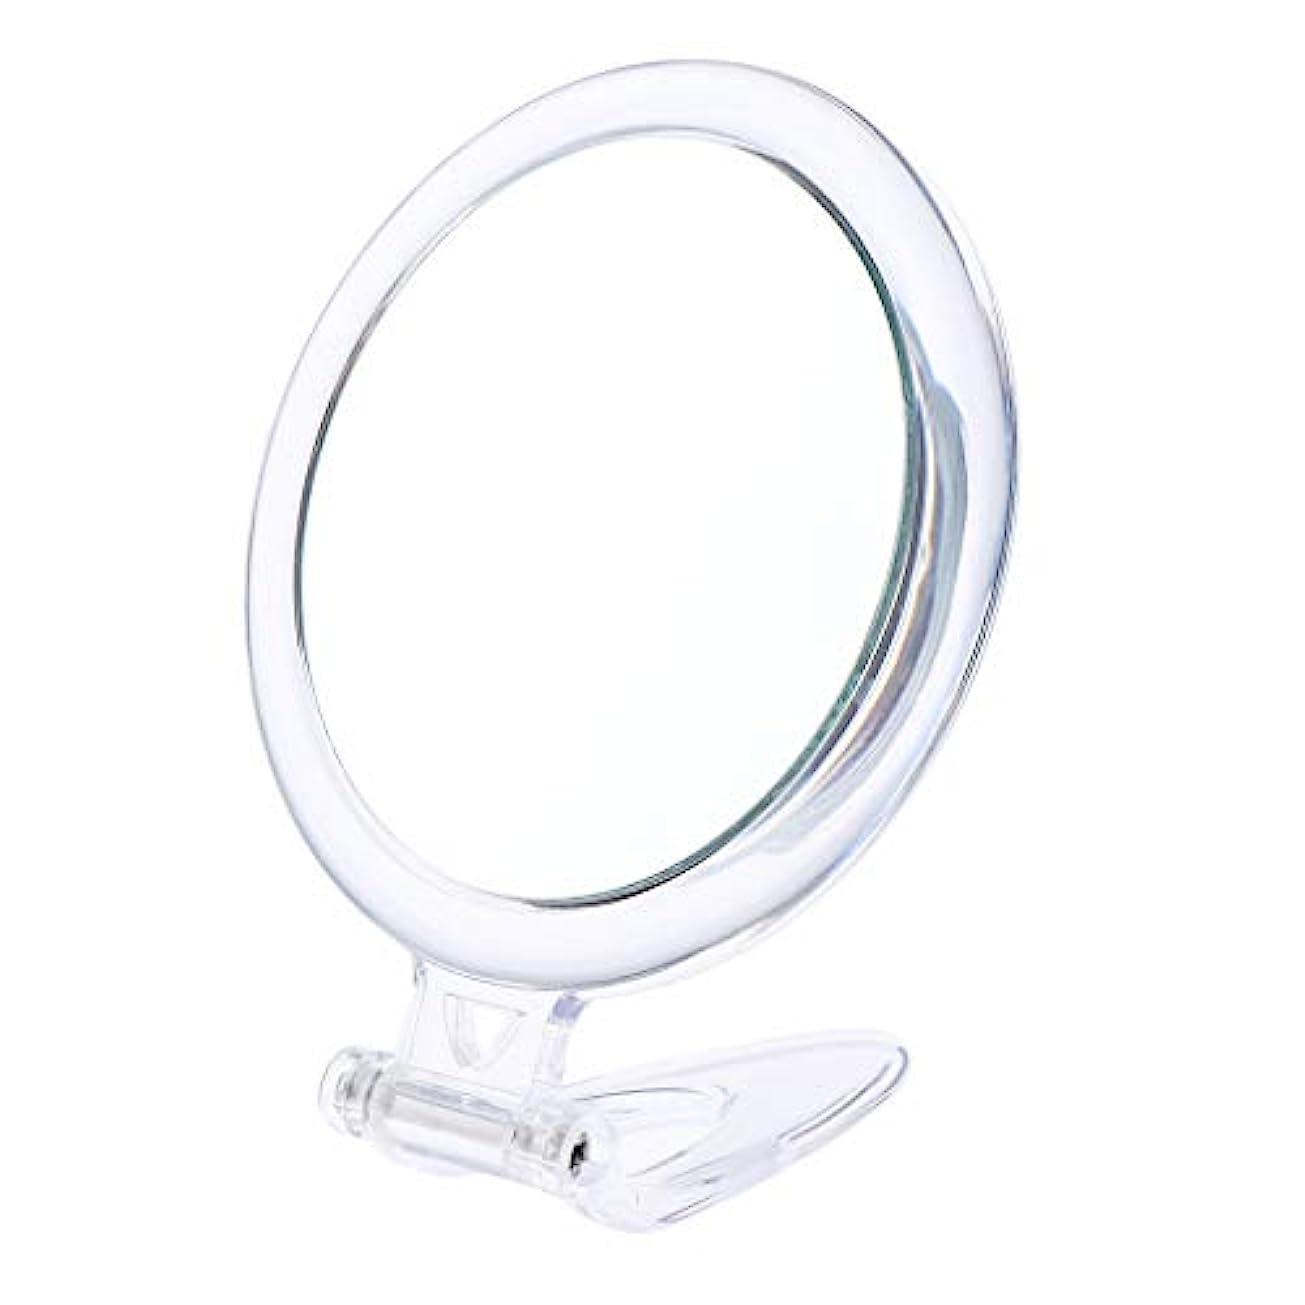 心臓怠けた文耐久性のある10倍拡大化粧鏡寮の洗面所の浴室の化粧鏡